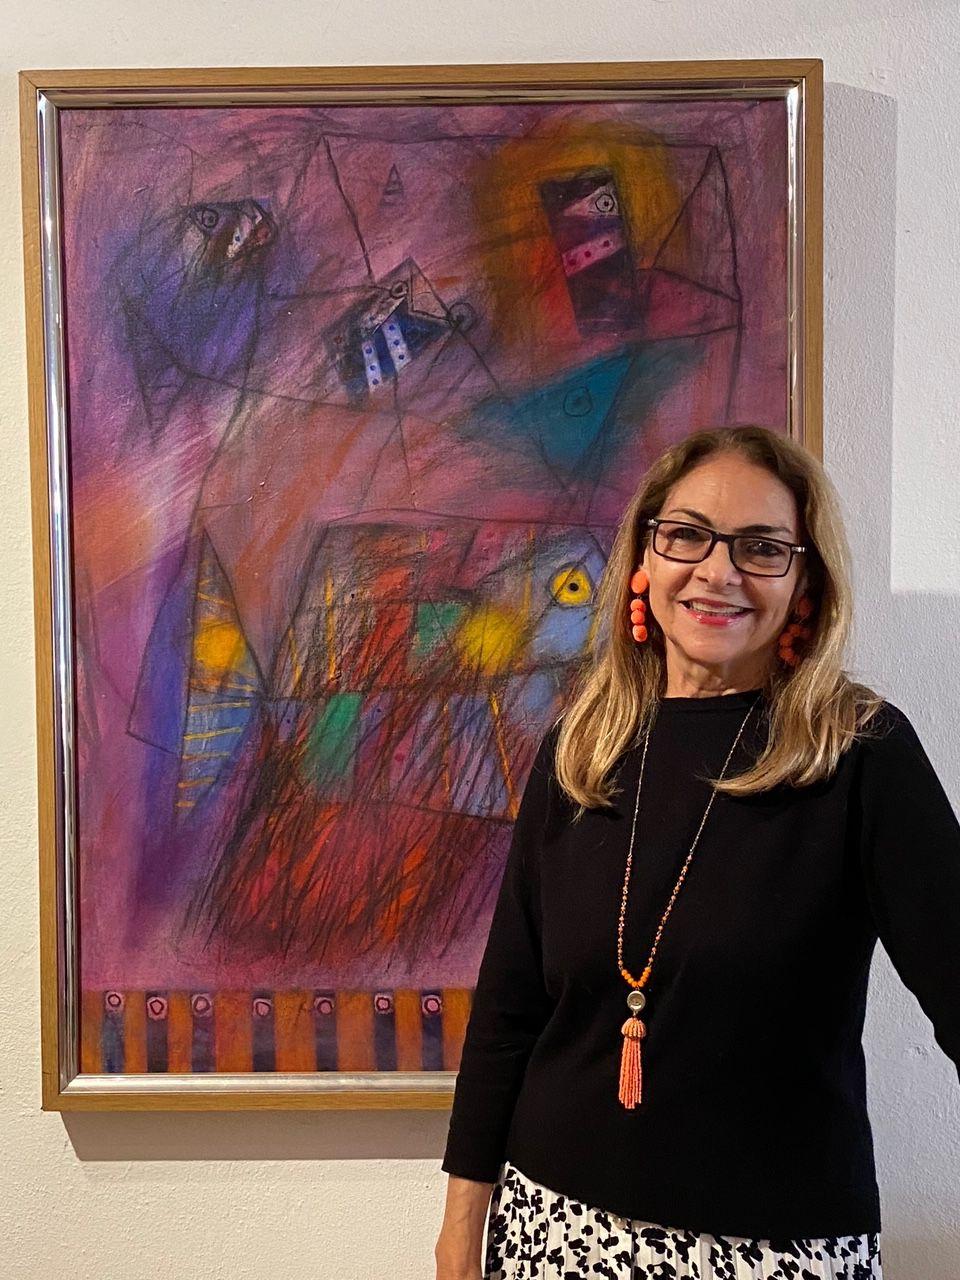 """Mildred Canahuate Payan es directora de la Galería de Arte Arawak, la cual fundo en el 1981 y desde donde se dedica a a promoción y venta de obras de arte a través de un amplio programa de exposiciones y actividades diversas que realiza en el país así como en galerías de arte e instituciones culturales internacionales. """"Desde Arawak realizamos un trabajo de asesoría, catalogación y valorización de colecciones de arte, personales y corporativas, que estamos realizando desde hace más de dos décadas"""", añadió. Su amor por las artes plásticas le llevó, junto a sus dos hijas, a crear la -en 1994- la Fundación de Arte Arawak con el propósito de valorizar y difundir el dibujo como uno de los medios artísticos más importantes y esenciales en el arte, incentivando su producción y su adquisición por medio de concursos, ferias y exhibiciones de dibujo. También realizan proyectos culturales que incluyen paseos, diálogos con artistas y críticos de arte, paneles de discusión, visita a exposiciones y museos, así como cursos y talleres de arte para niños adultos. Para este 2021 celebran el 40 aniversario de la fundación de la Galería de Arte Arawak, un hecho que aseguran se debe diferentes factores: el amor por lo que hacen, la innovación, el trabajo en equipo y la relación cordial y cercana que mantienen con los artistas plásticos, críticos de arte, galerías, gestores culturales, medios de comunicación y coleccionistas.  A los jóvenes y adultos visionarios que desean hacer realidad sus proyectos les aconseja, primero que nada a estar seguros de lo que realmente quieren lograr en su vida profesional y mantenerse firmes en sus metas, desarrollar un plan de trabajo a corto mediano y largo plazo y darle continuidad a lo planificado, escuchando y valorando sugerencias y opiniones de los demás.  Finalmente expresó que es importante """"ser perseverante, mantener siempre una actitud positiva y de colaboración con los demás y tener en cuenta que la responsabilidad, seriedad y honradez son fun"""